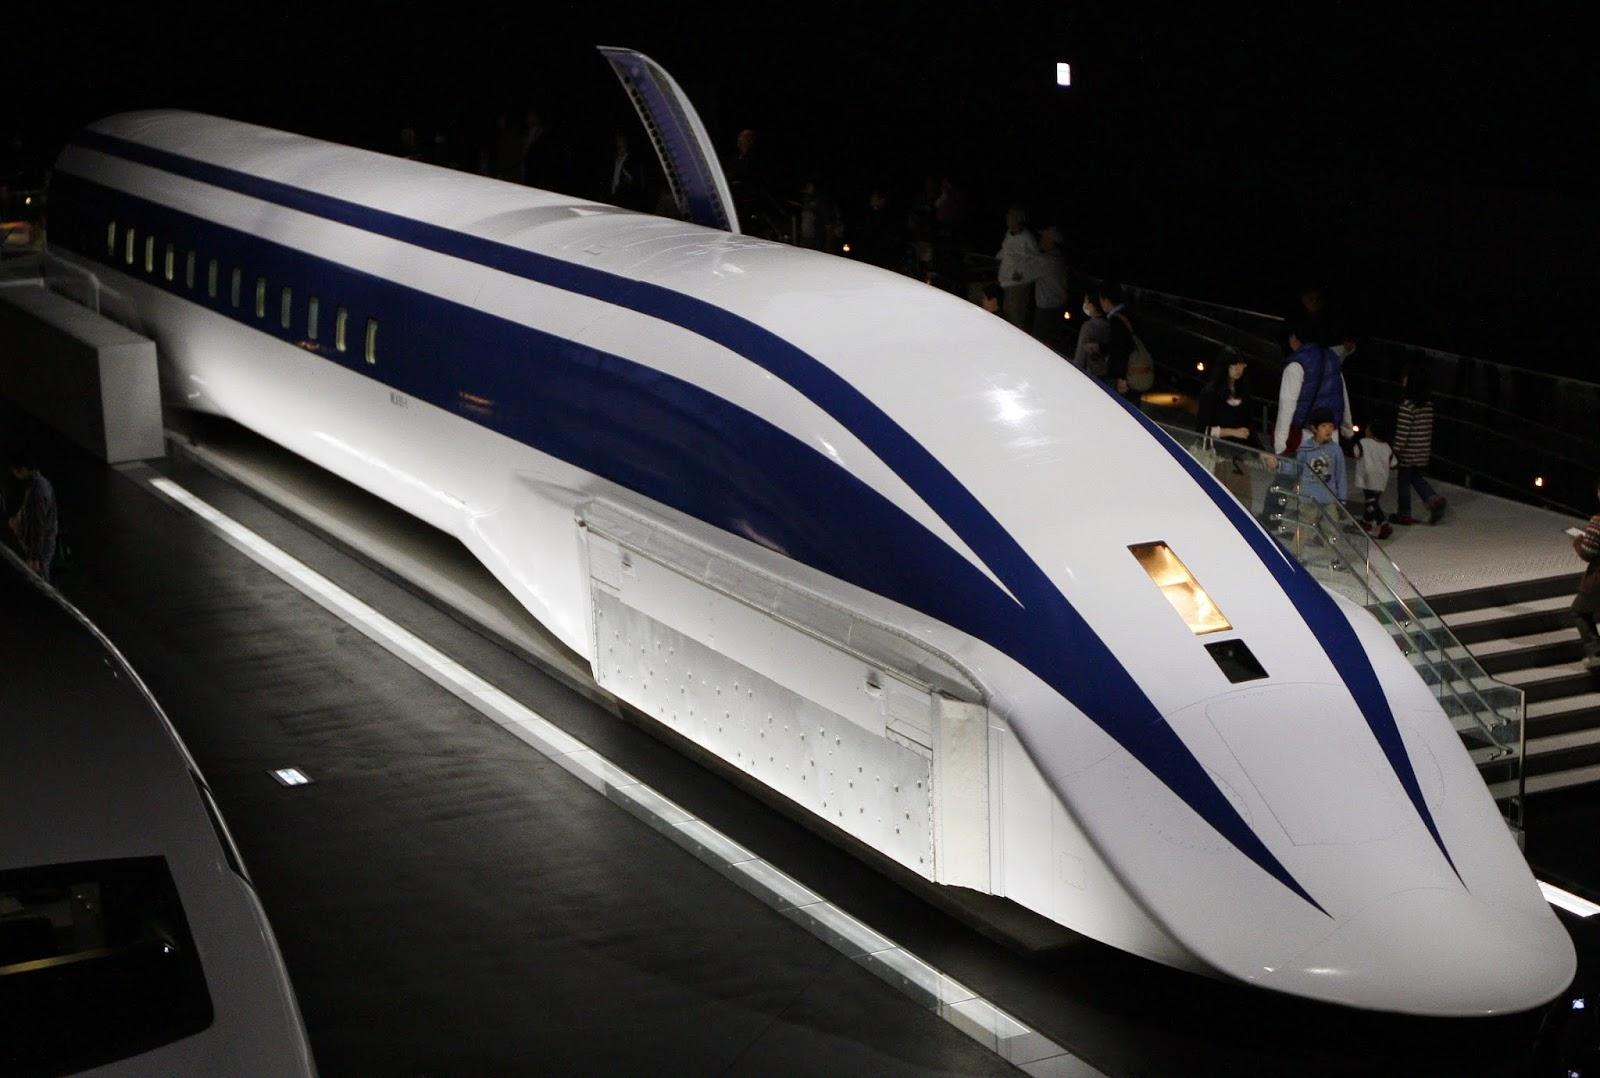 Kereta Api Tercepat di dunia: 581 km/jam (361 mph)